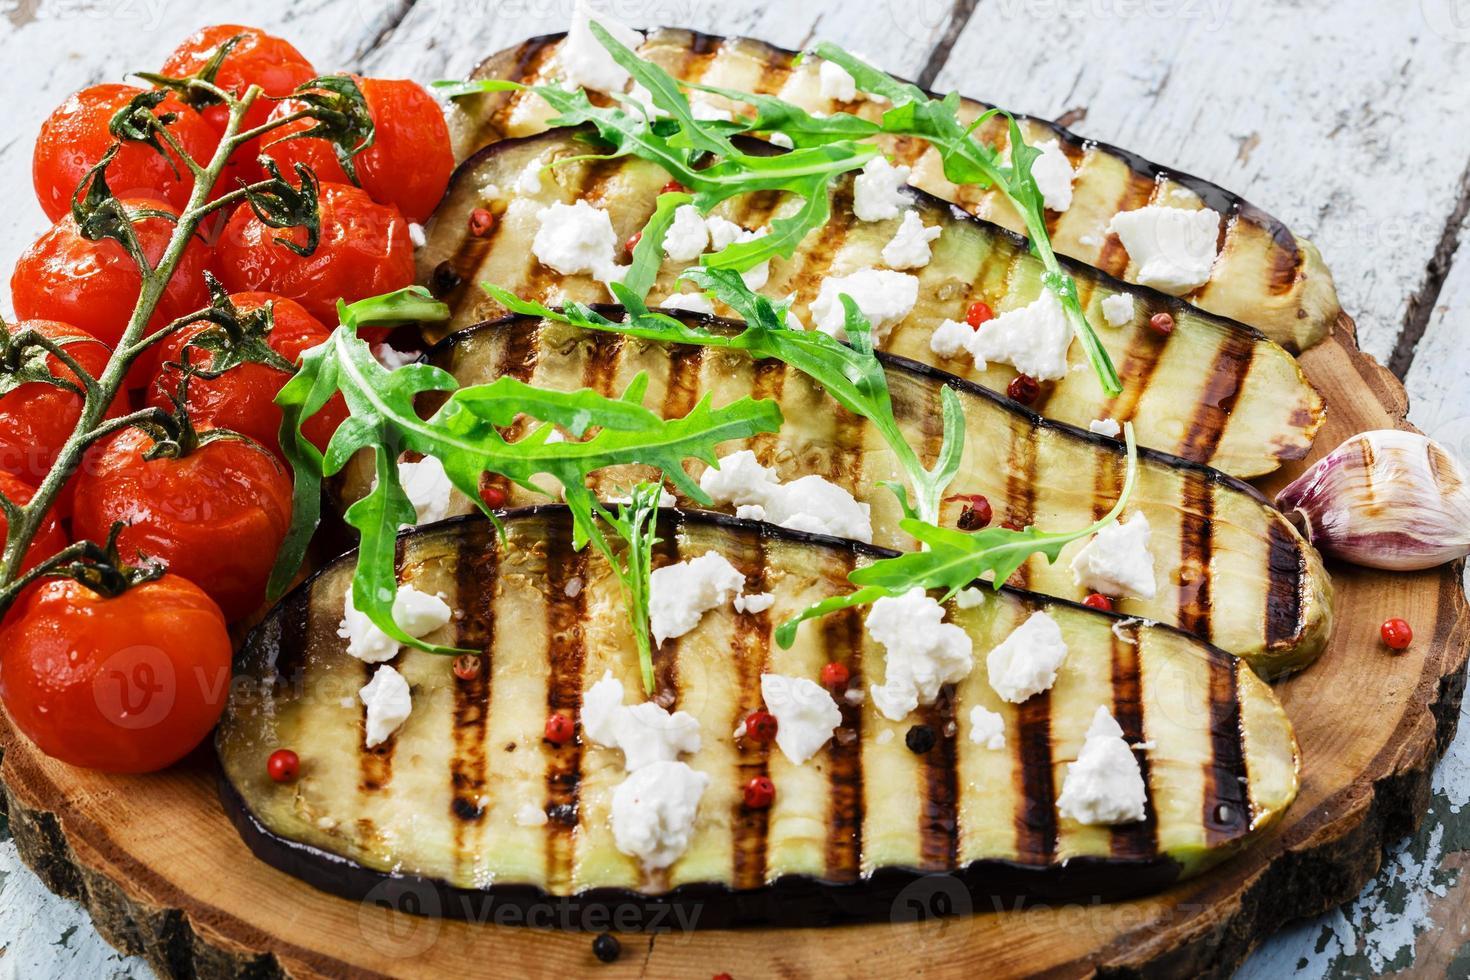 berinjela grelhada com queijo feta foto